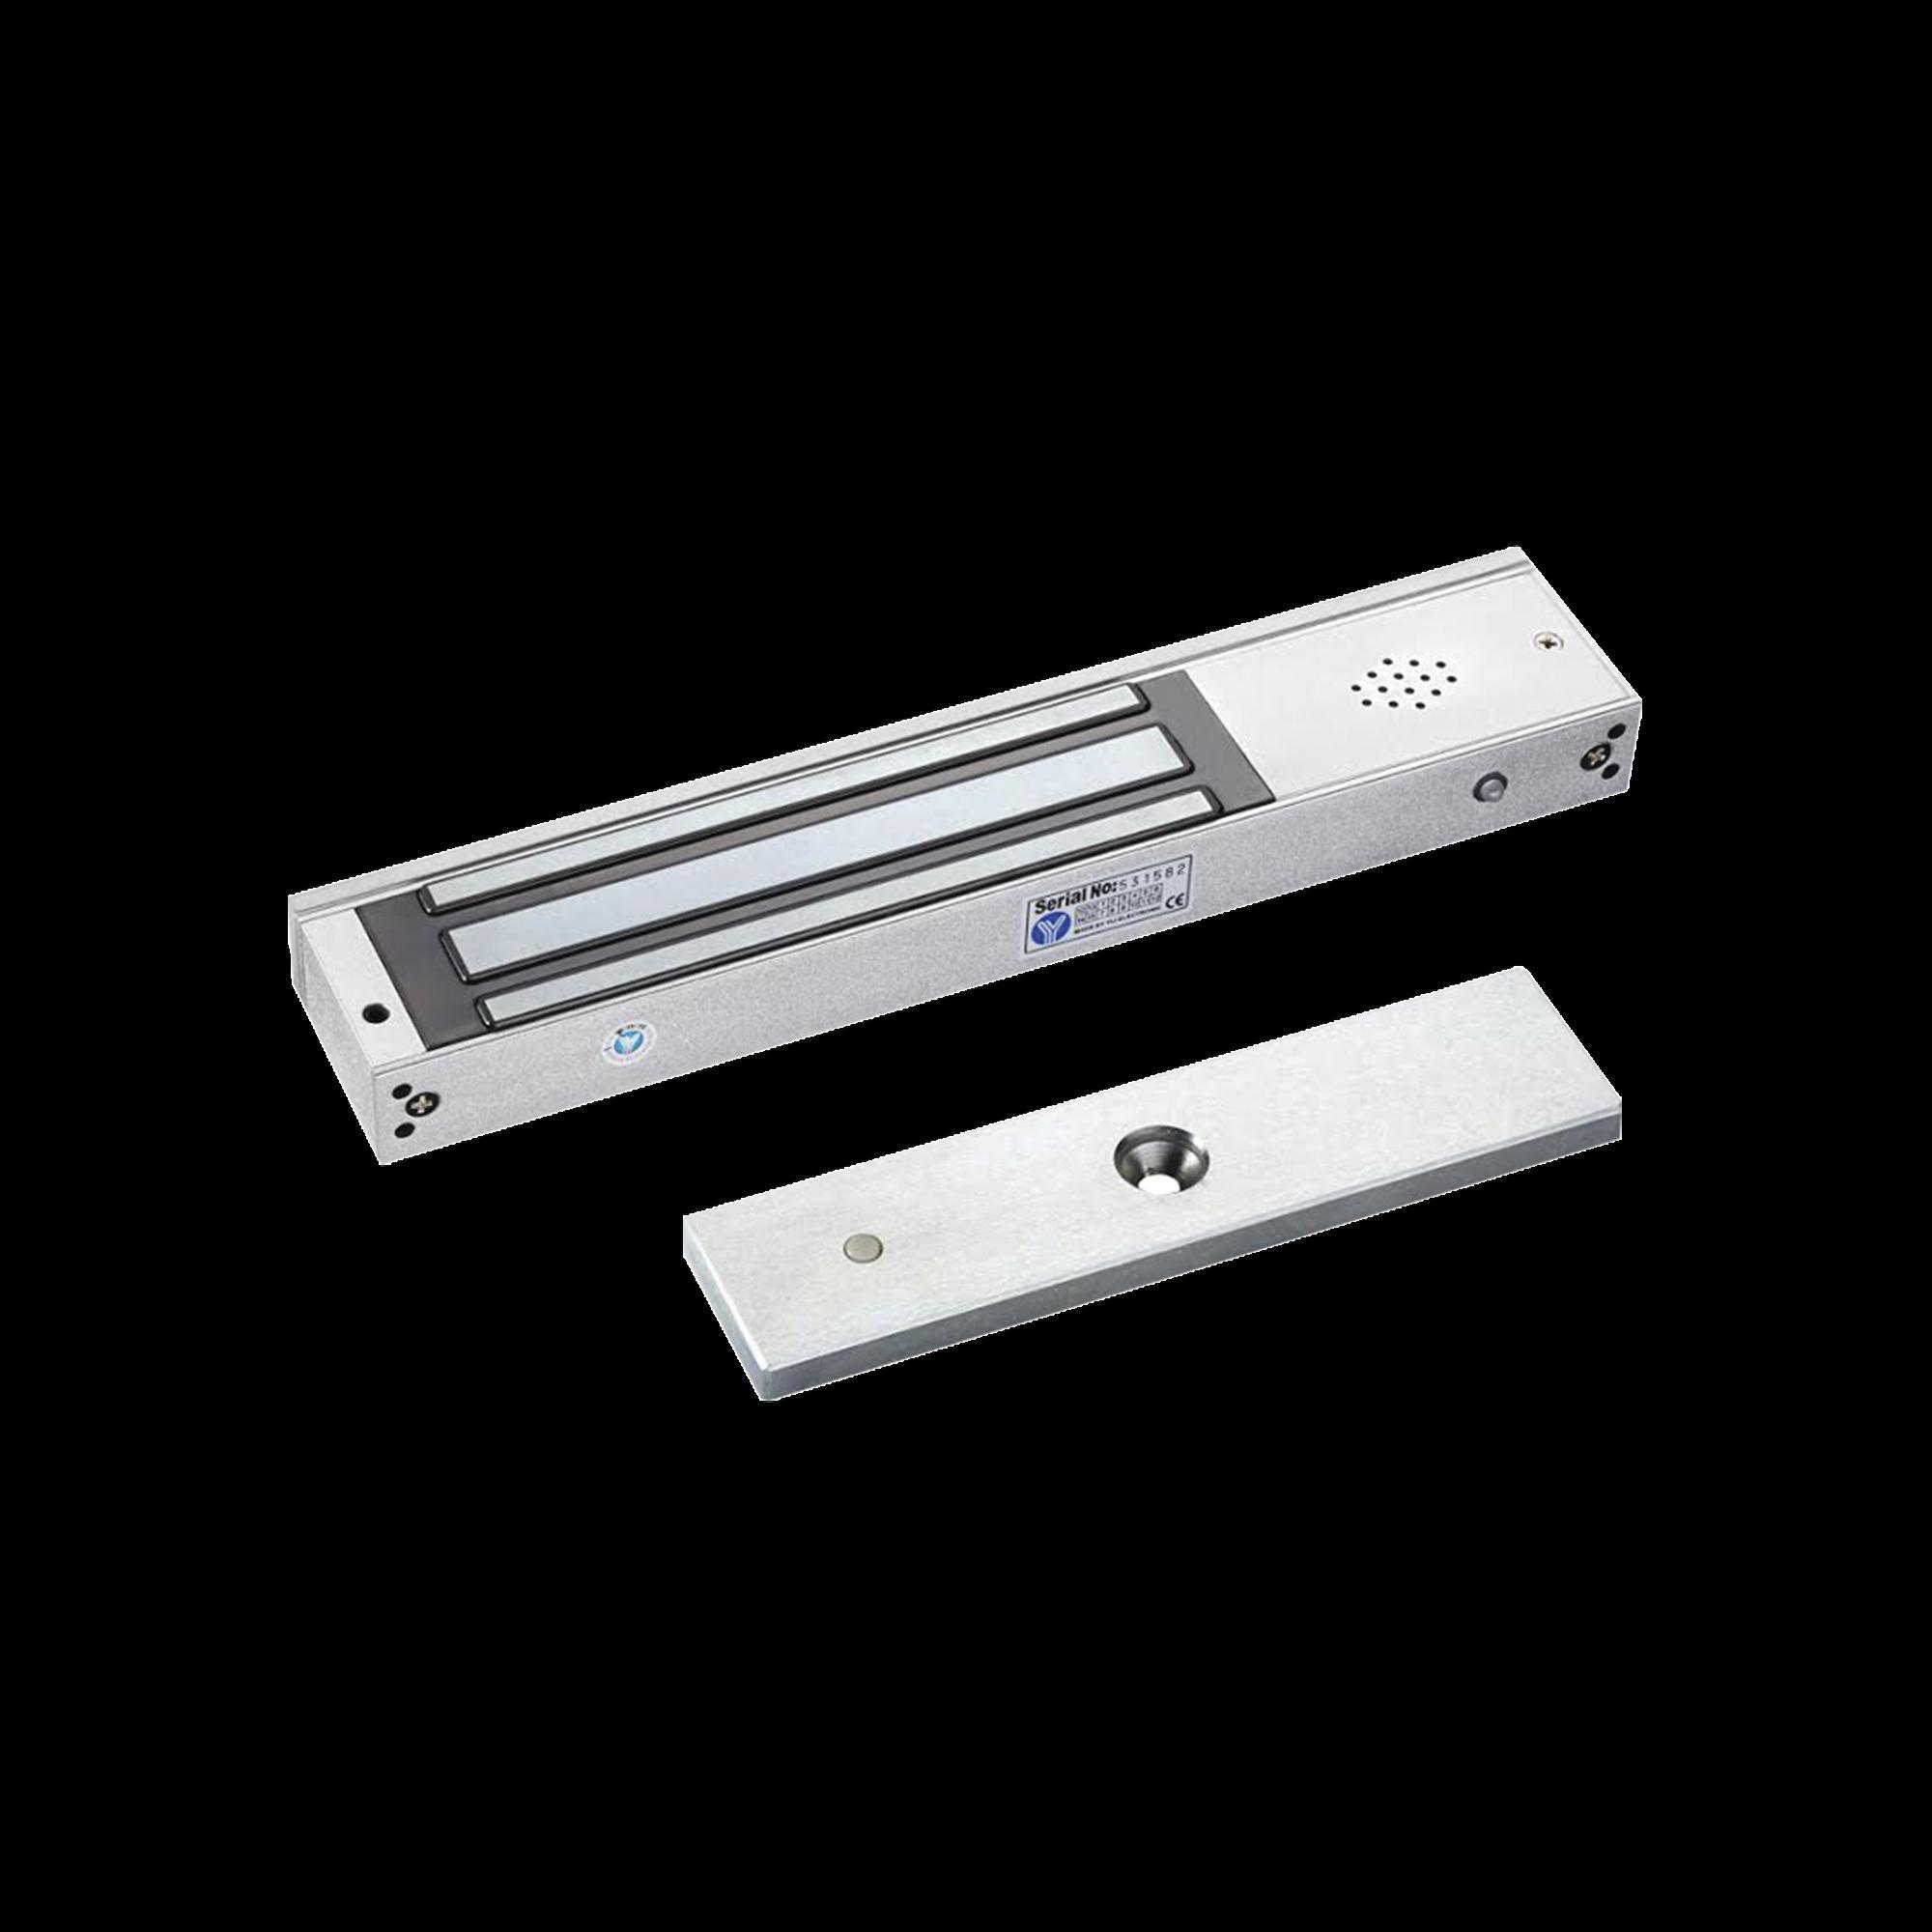 Chapa magnetica 600Lb con  Buzzer de alarma de puerta abierta / LED indicador de estado /  Sensor de estado de placa/ Libre de Magnetismo Residual